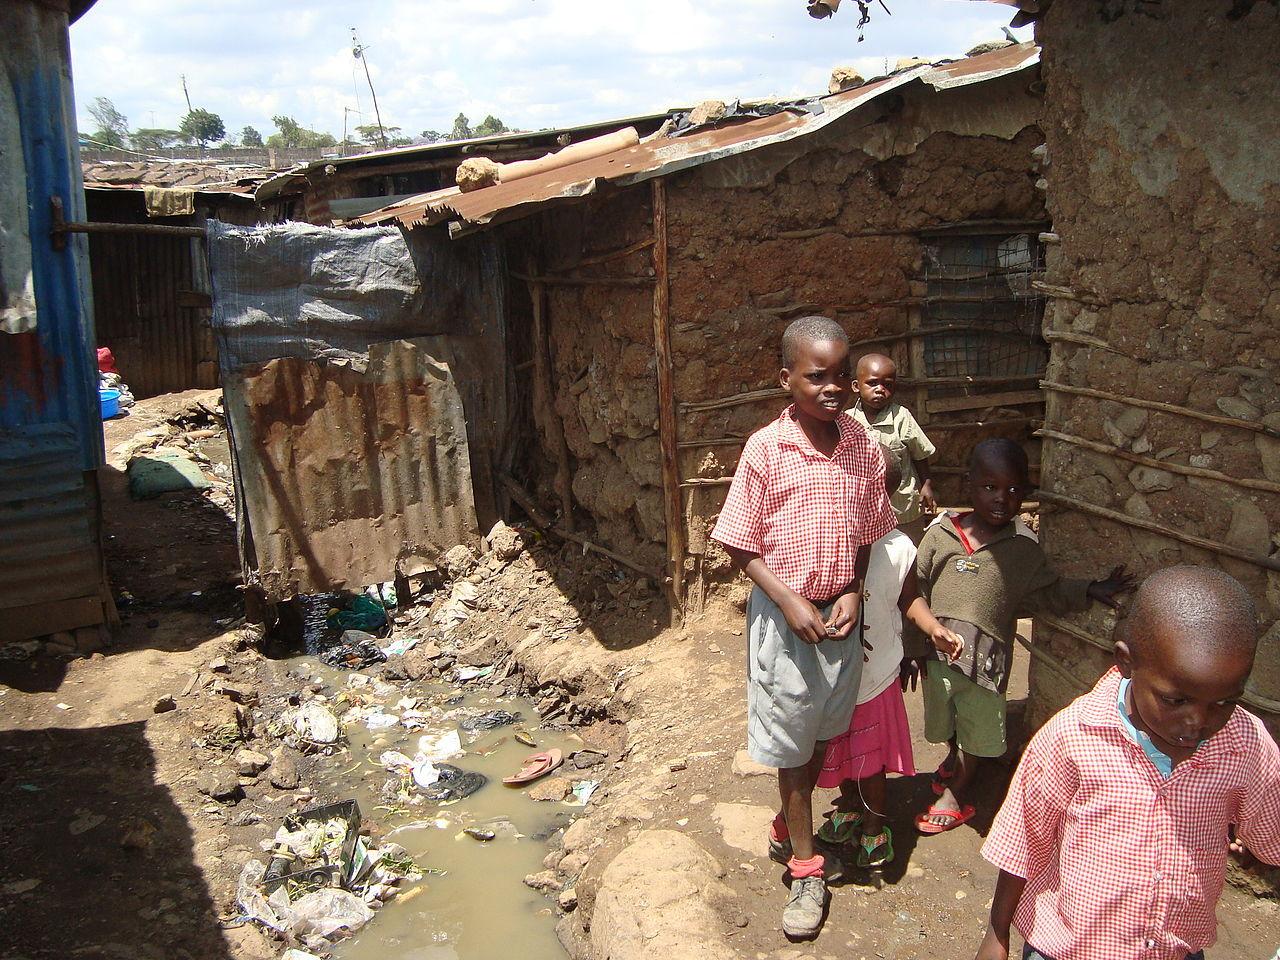 1,7 miljoner barn dör varje år på grund av förorenad miljö